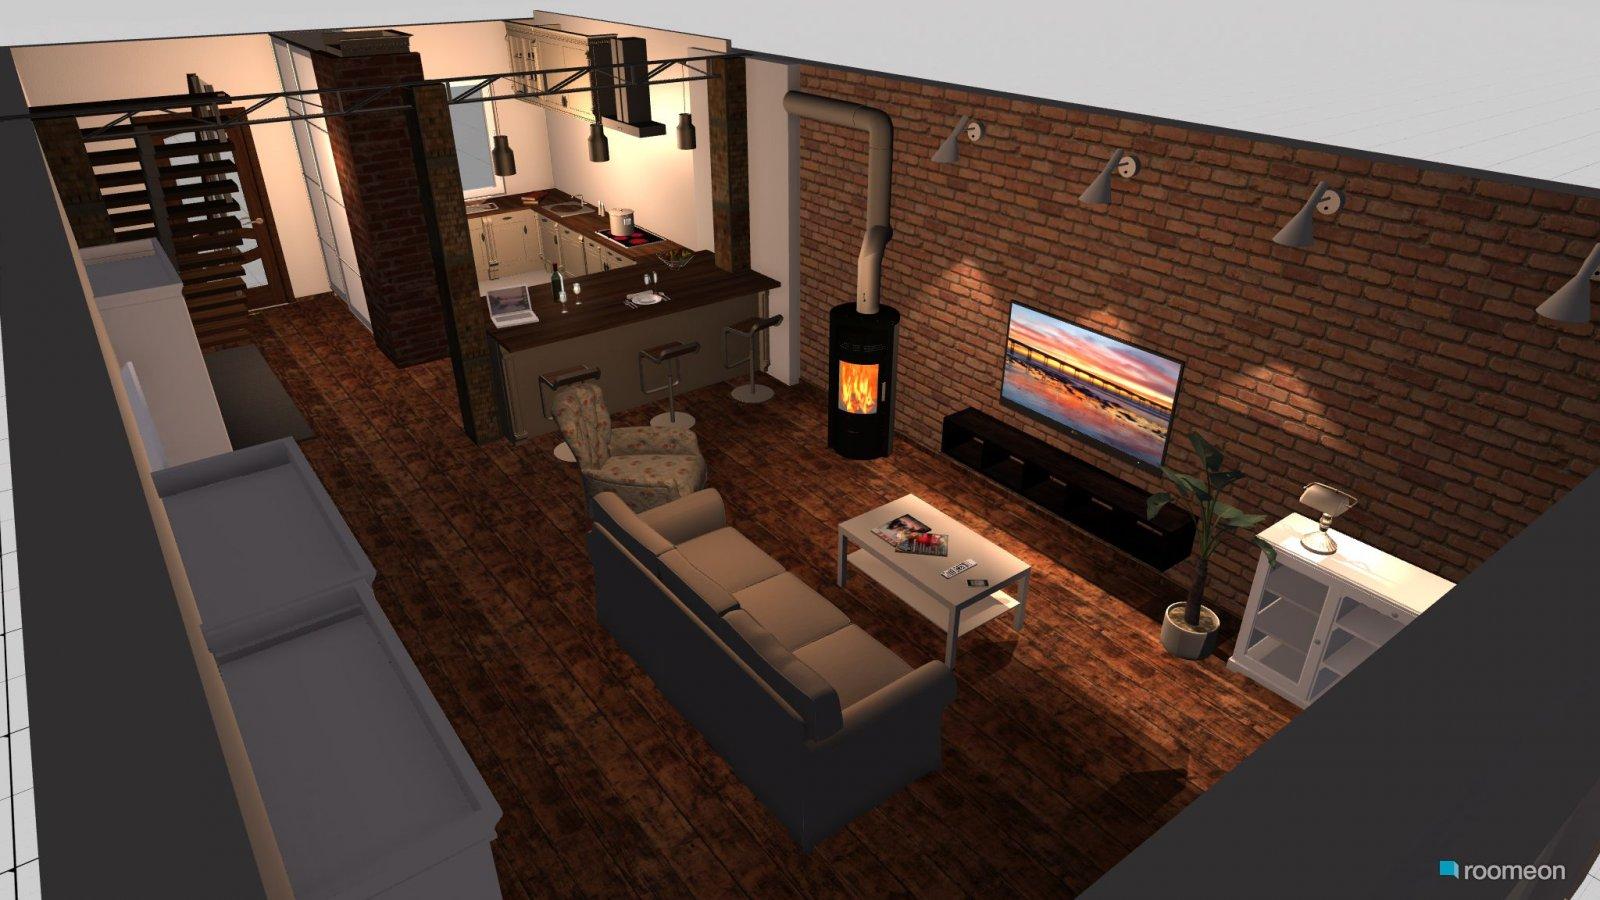 Room Design Wohnzimmer mit Stütze - roomeon Community